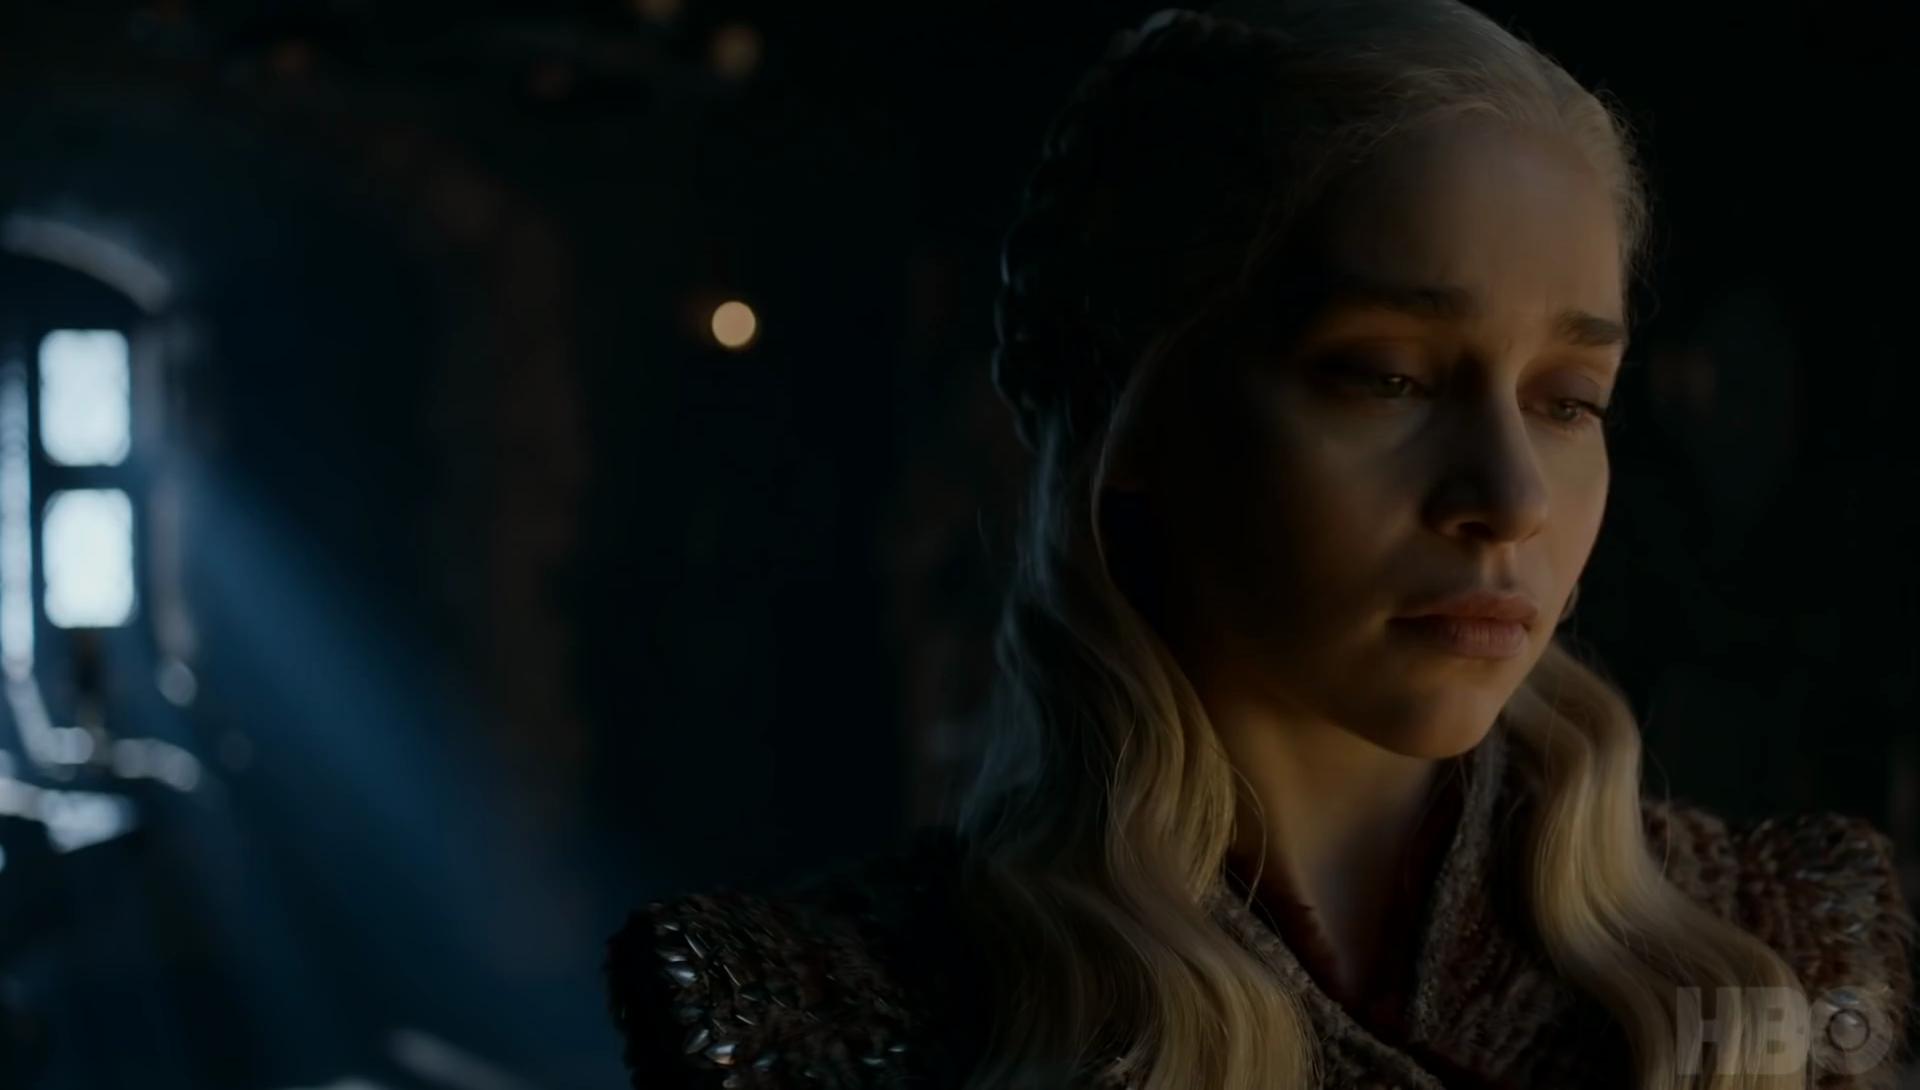 daenerys-targaryen-game-of-thrones-season-8